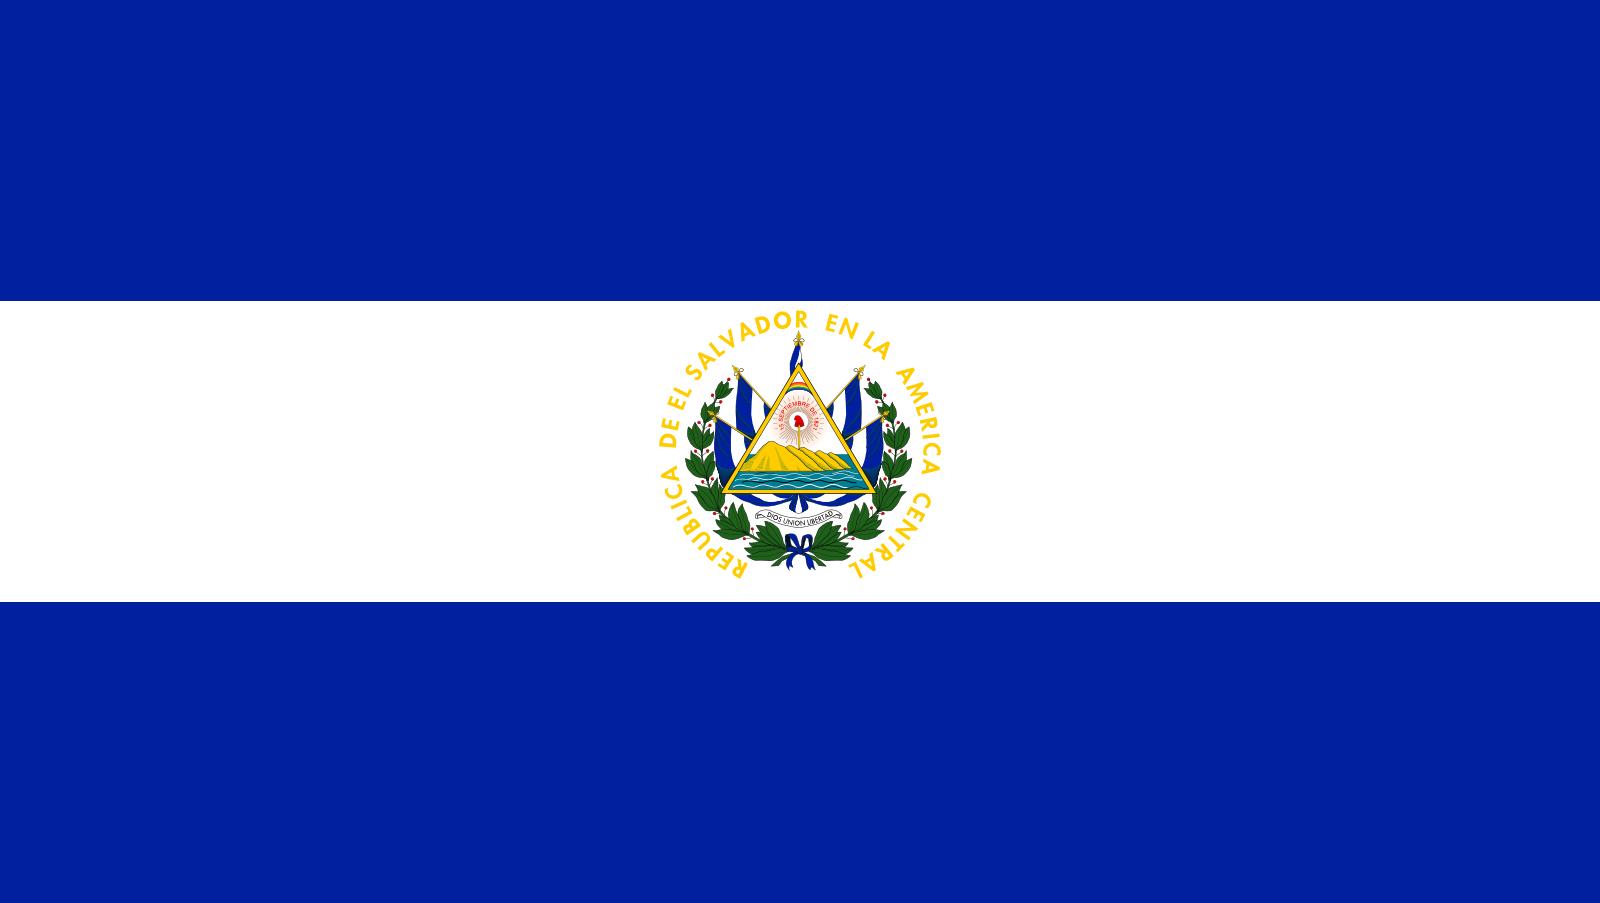 Banderas HD de todos los paises | Banderas, El salvador y Salvador